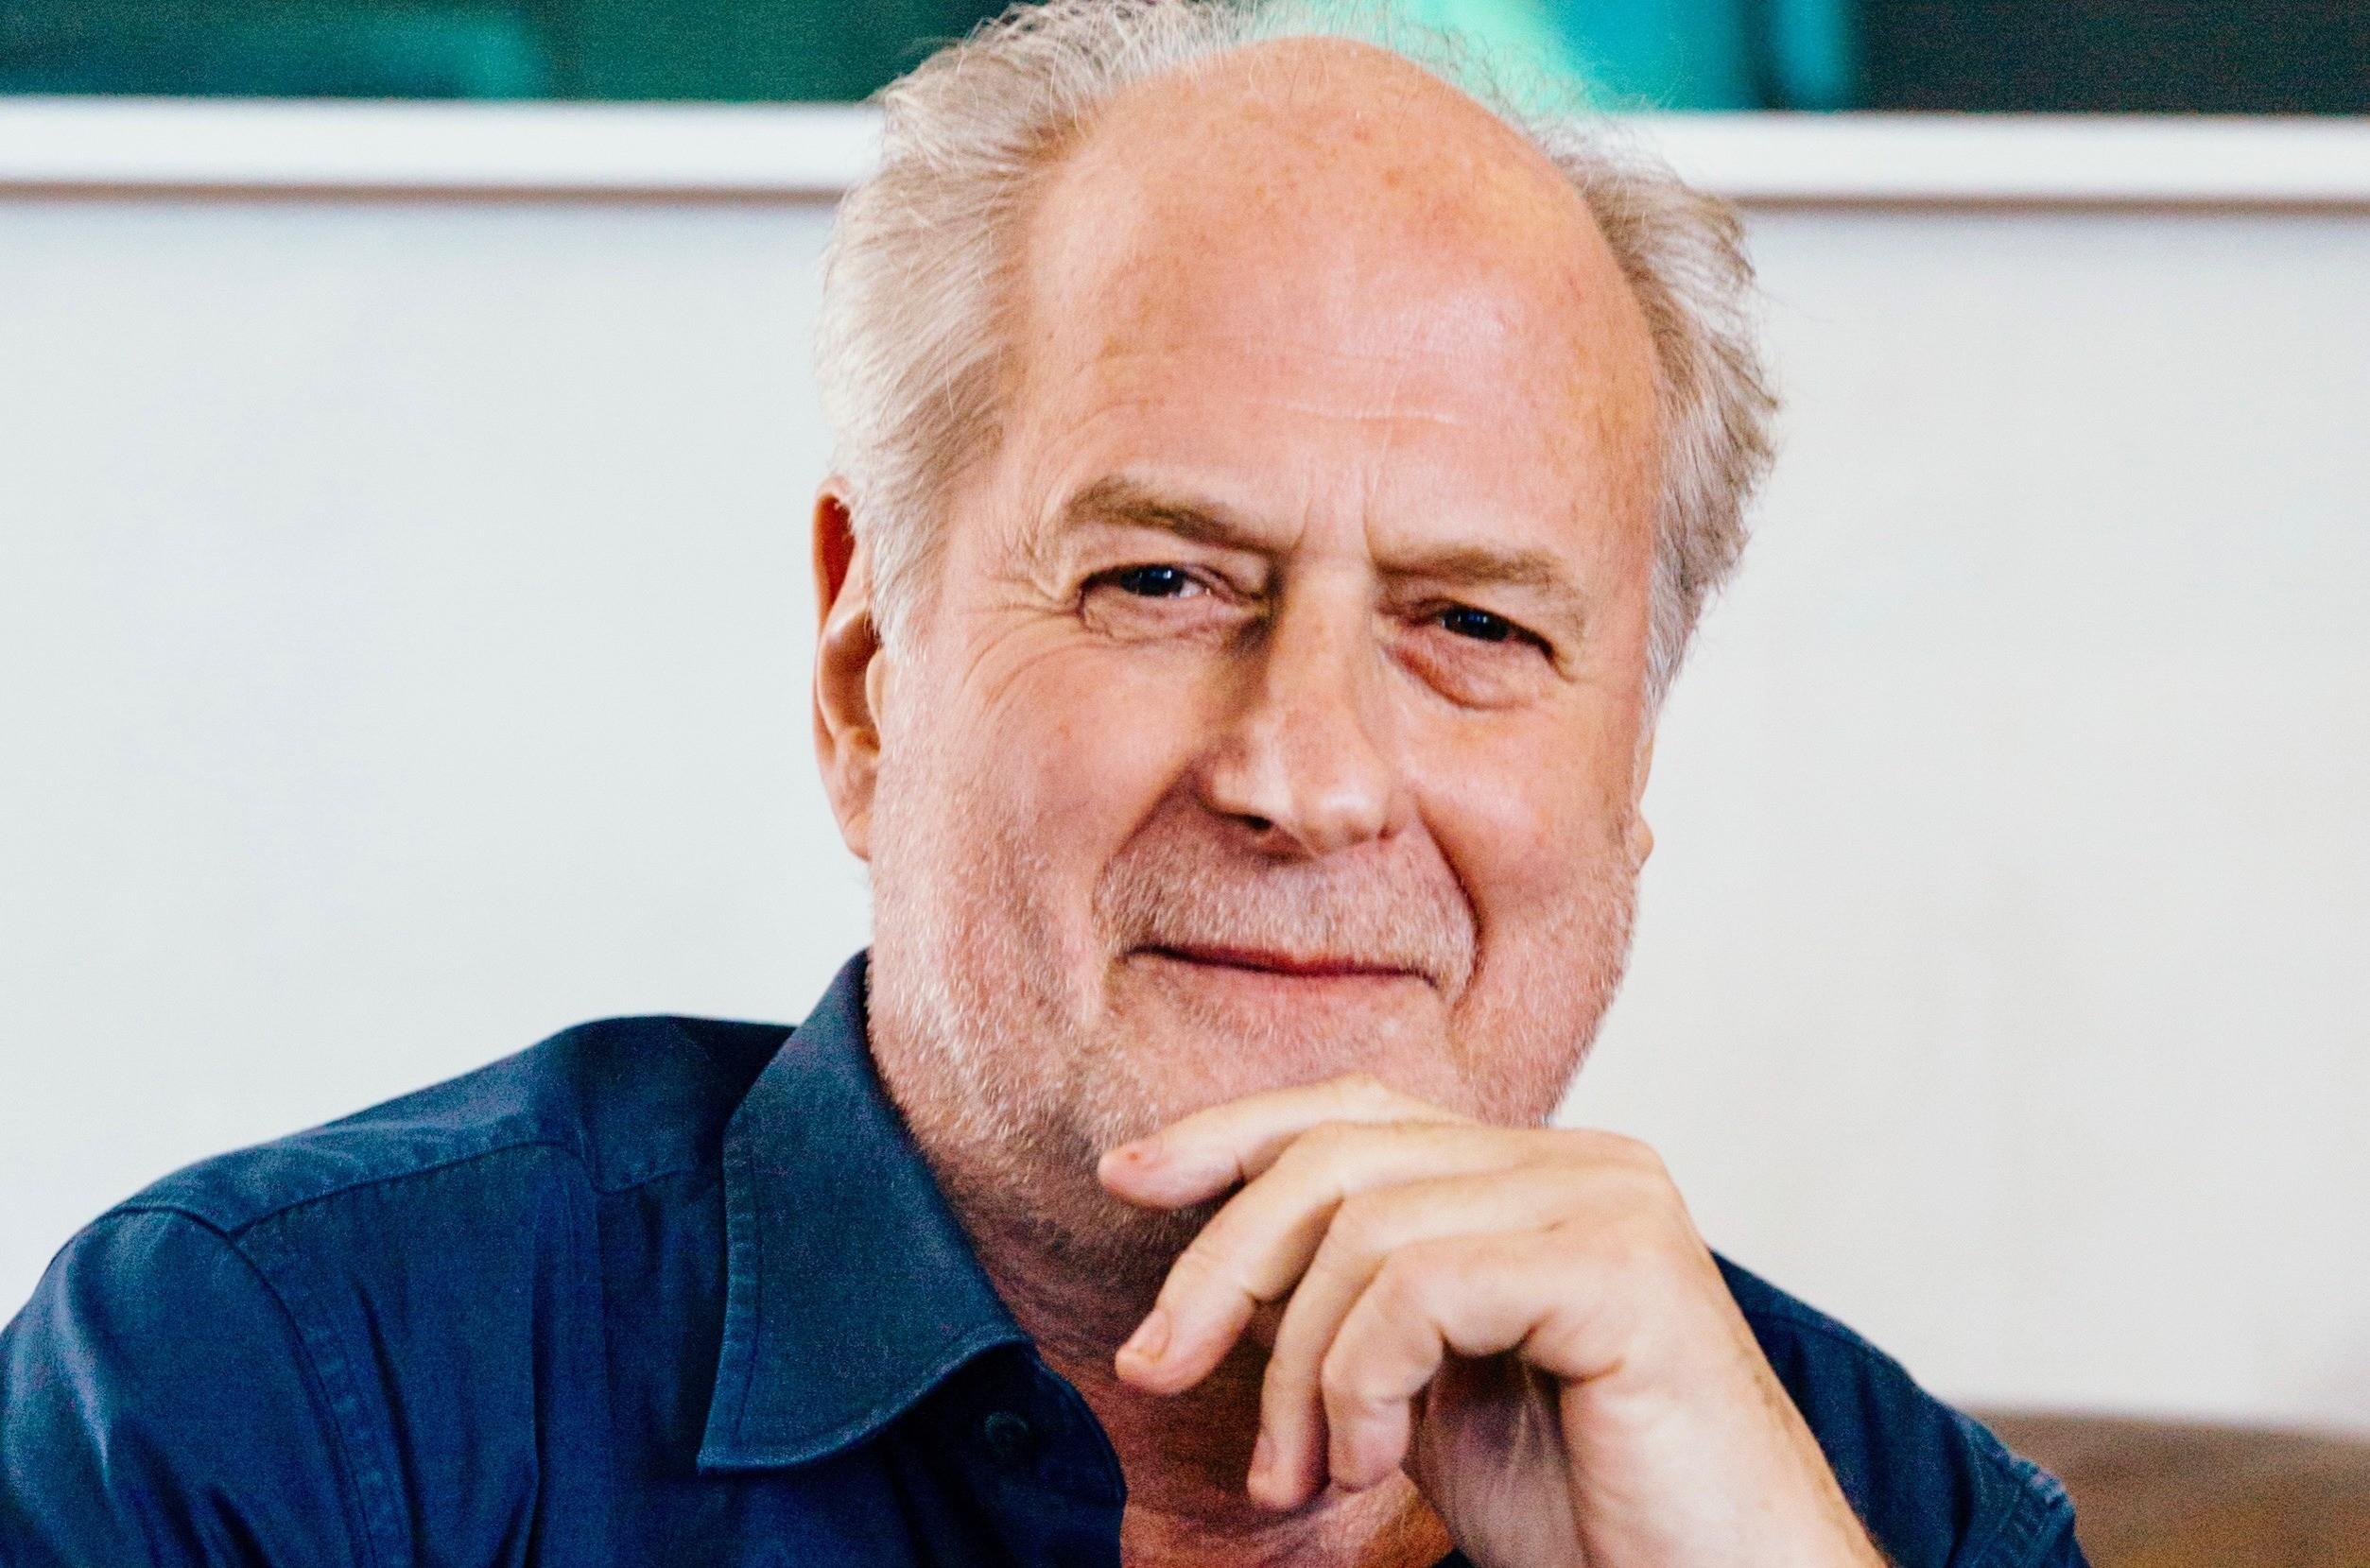 Майкл Гудински, легендарный австралийский независимый музыкальный предприниматель, умер в возрасте 68 лет